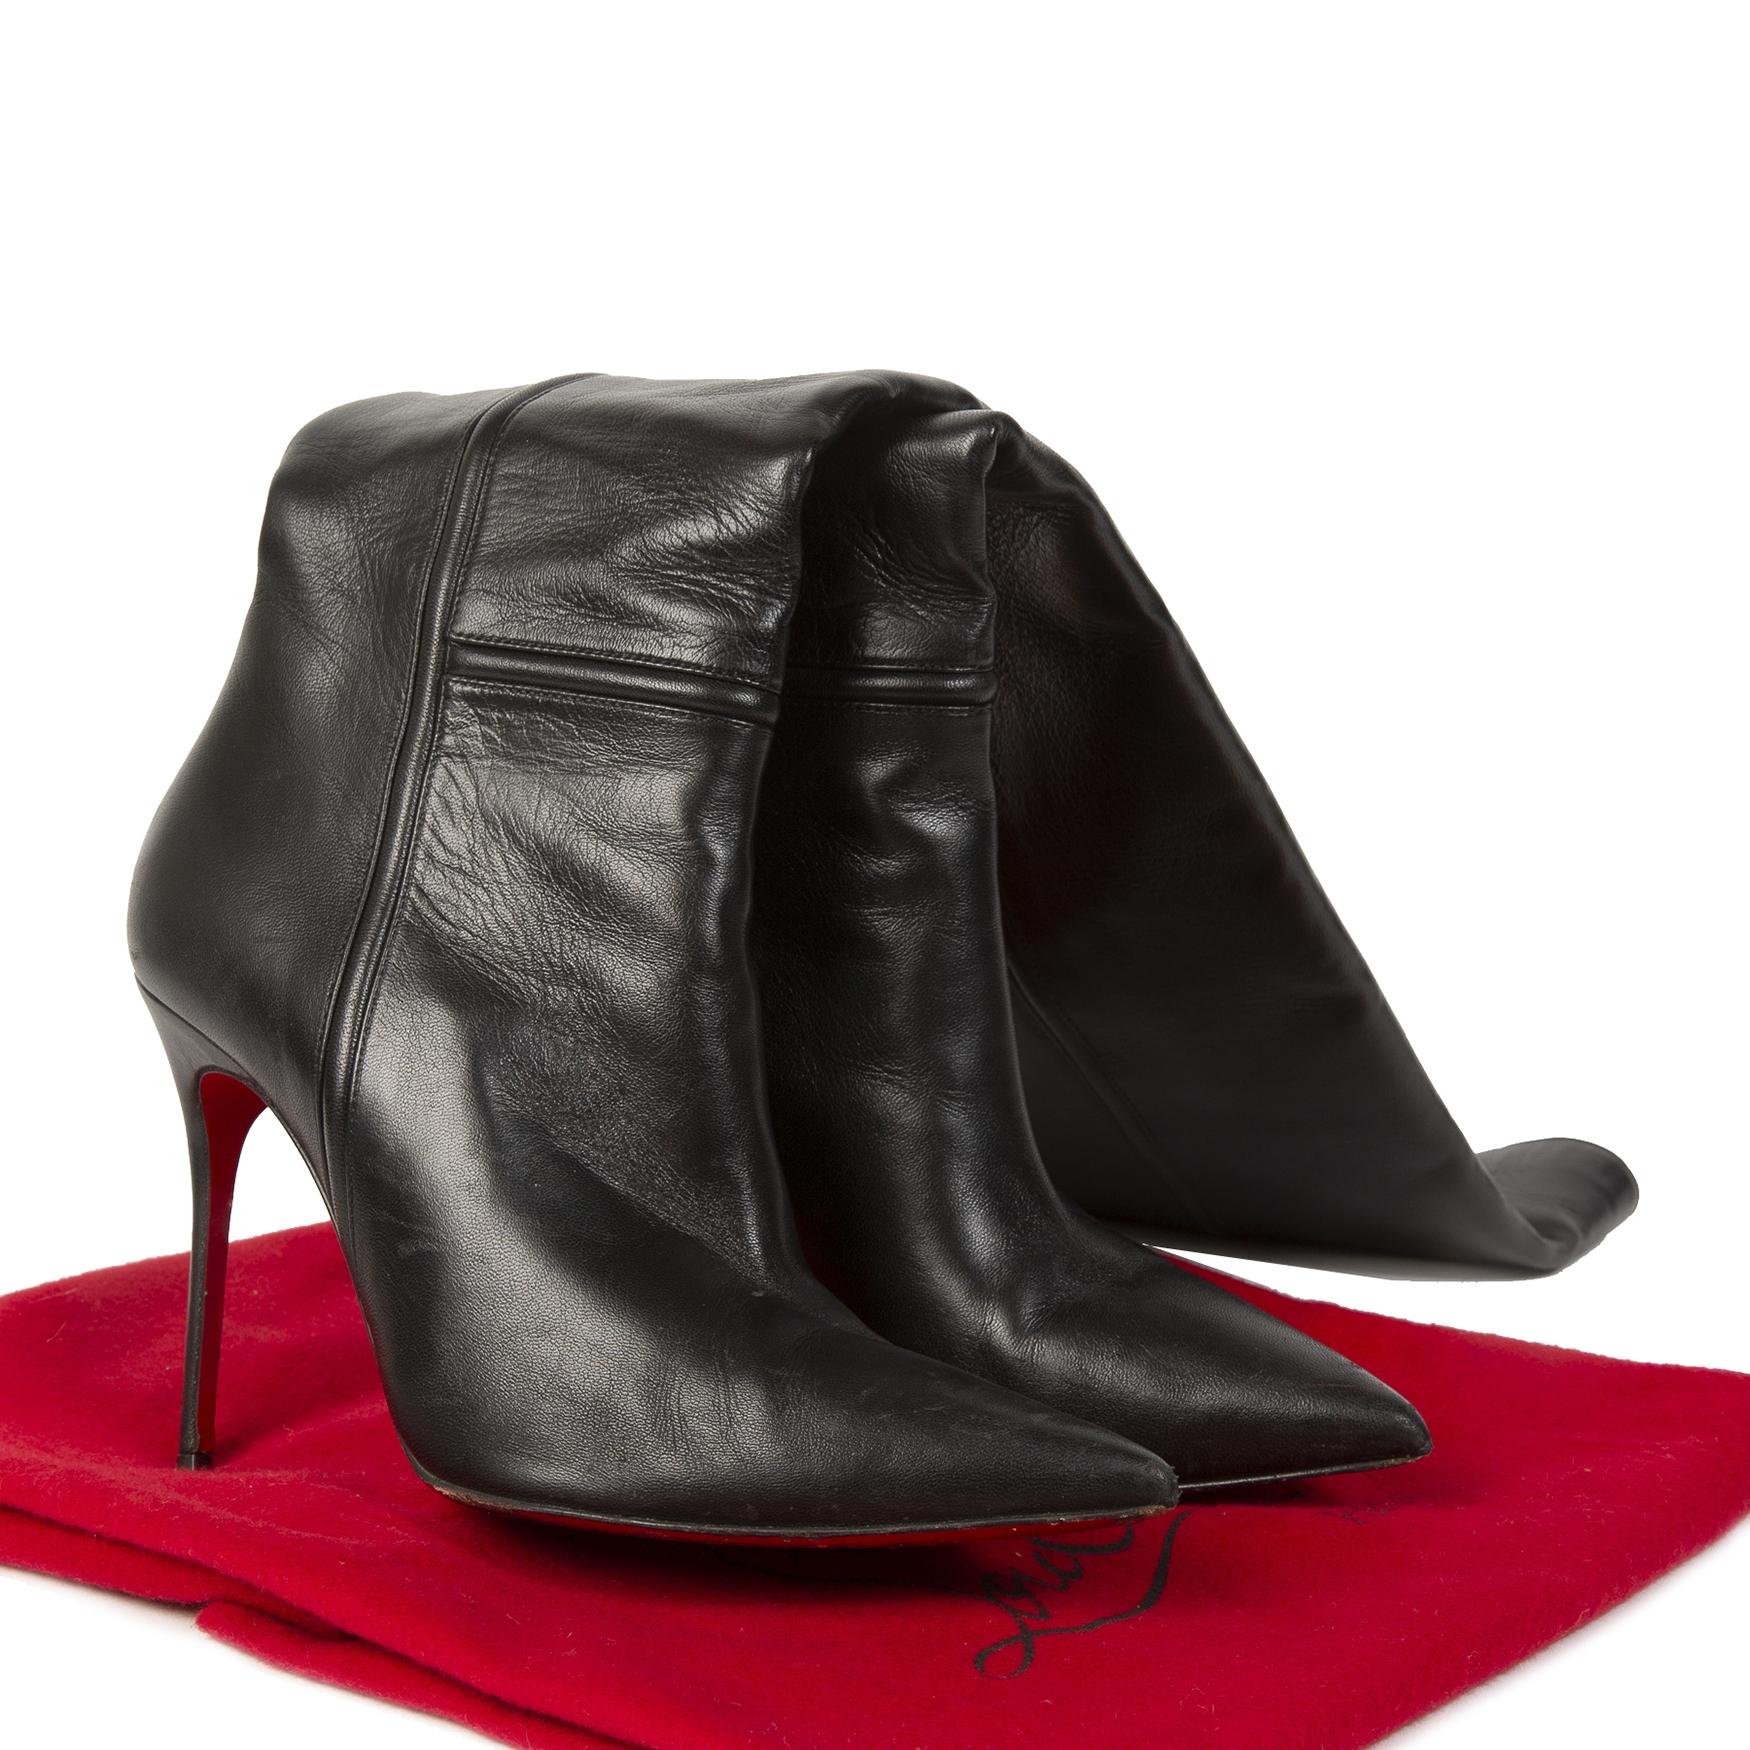 Christian Louboutin So Kate Black Leather Boots aan de beste prijs bij Labellov tweedehands